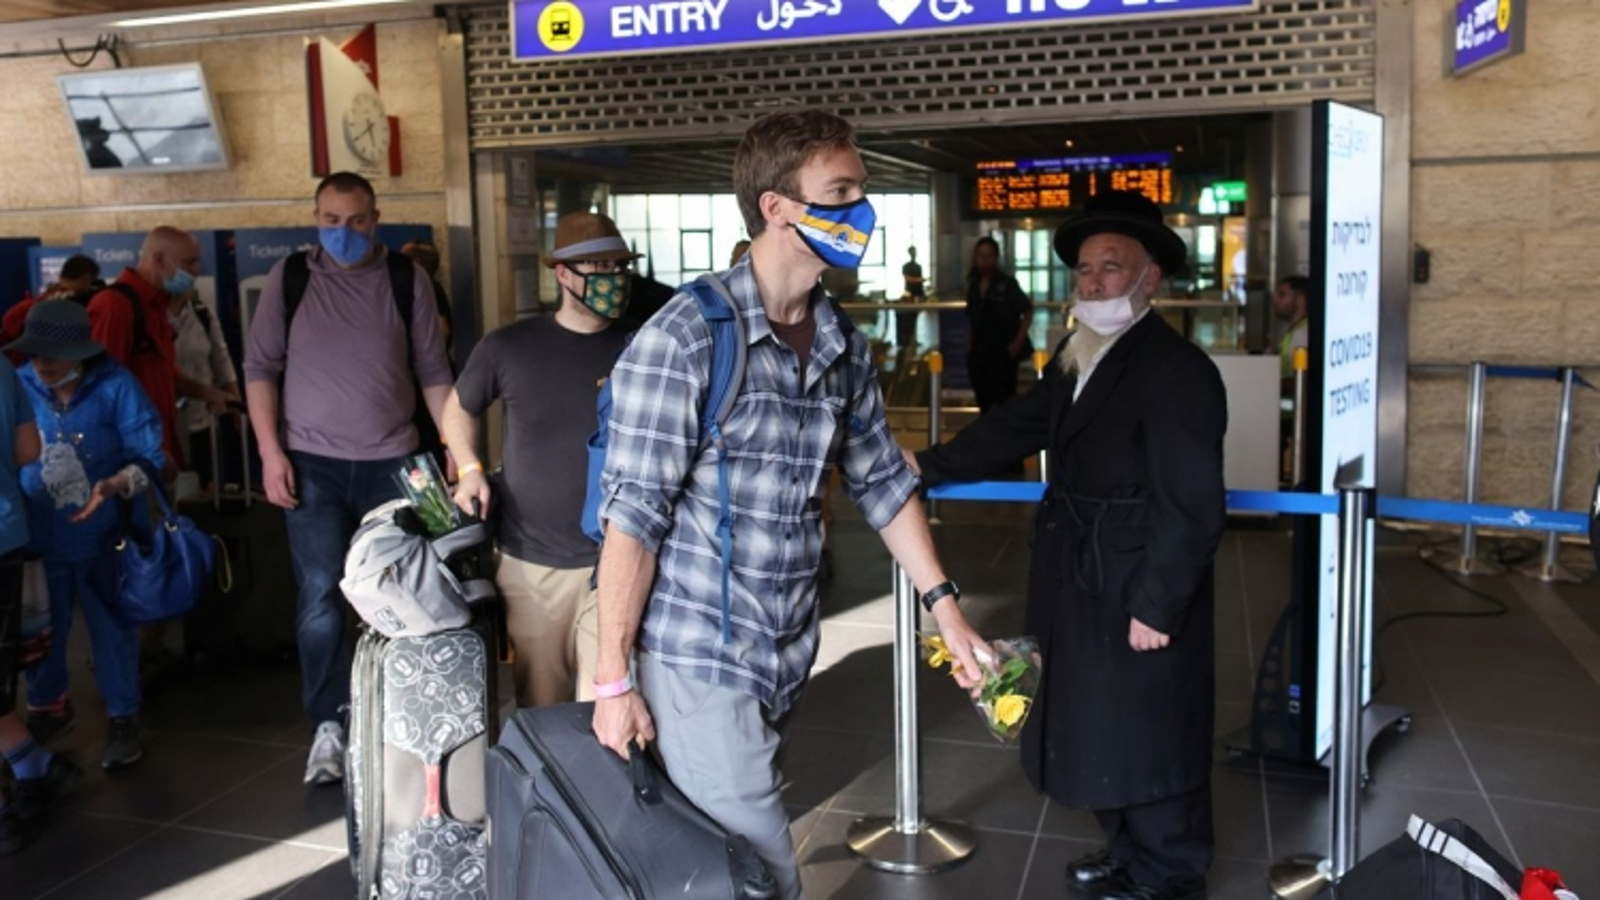 Israel thử nghiệm đón khách quốc tế đi theo nhóm